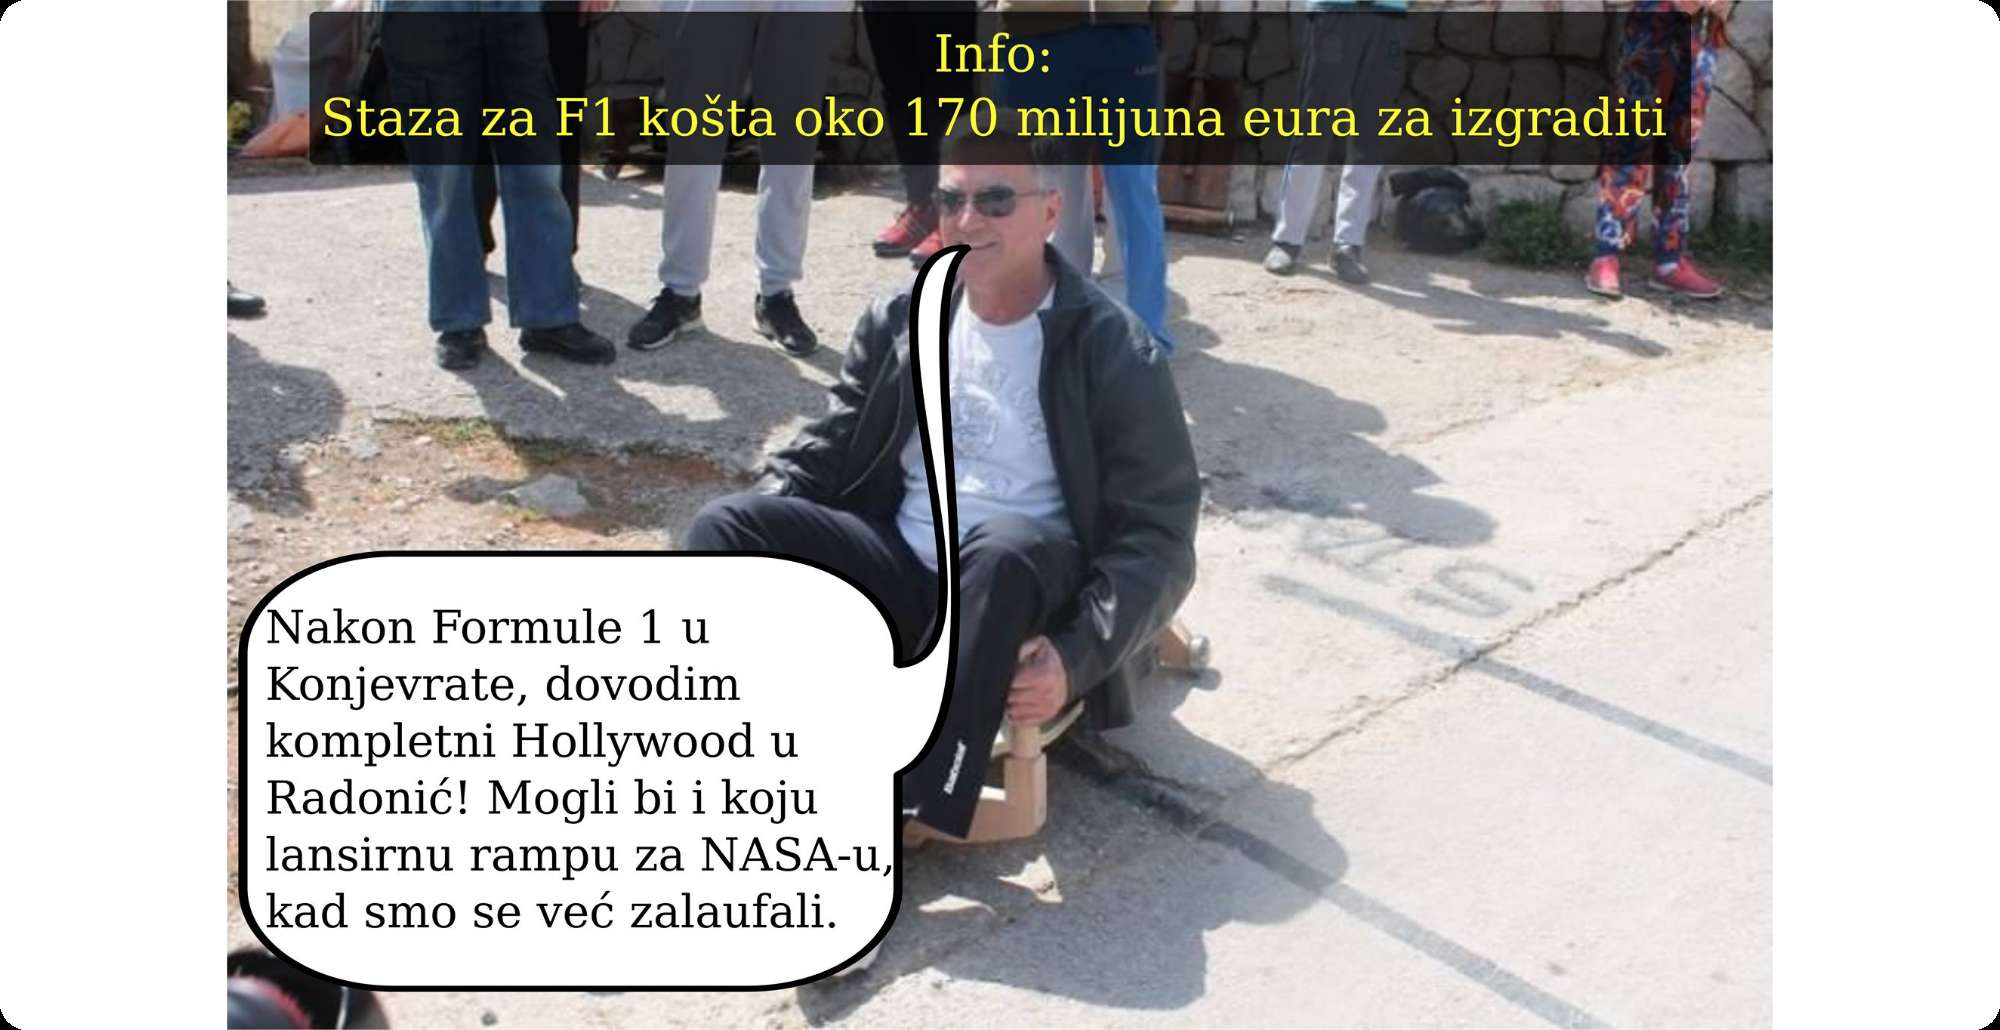 Gradonačelnik Burić dovodi Formulu 1 u Konjevrate